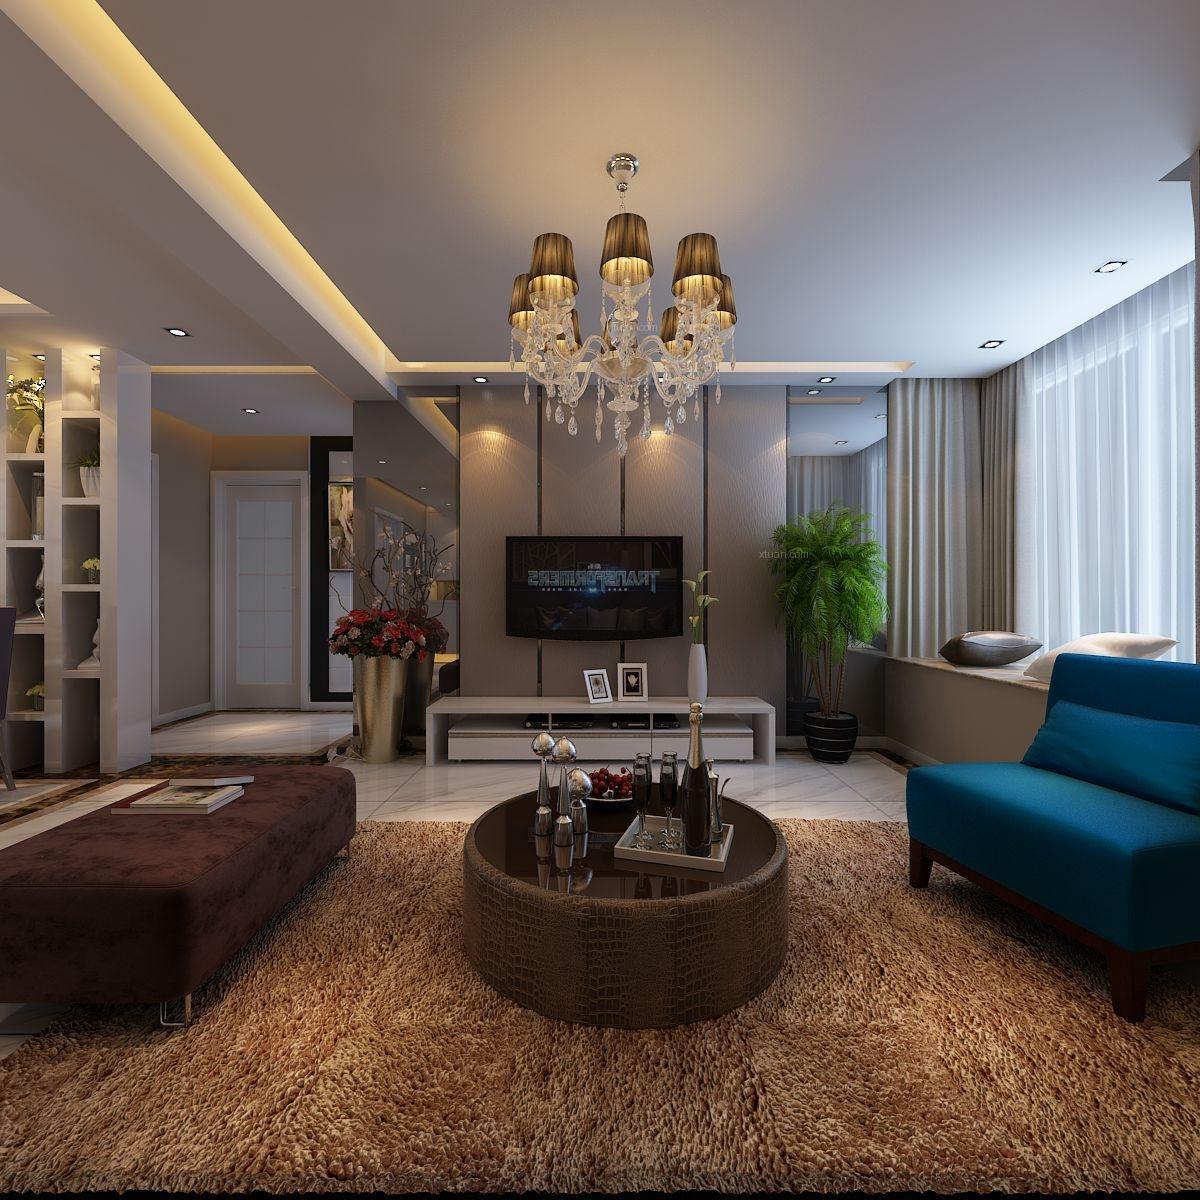 三居室时尚风格客厅_万派城港式风格装修效果图-x团